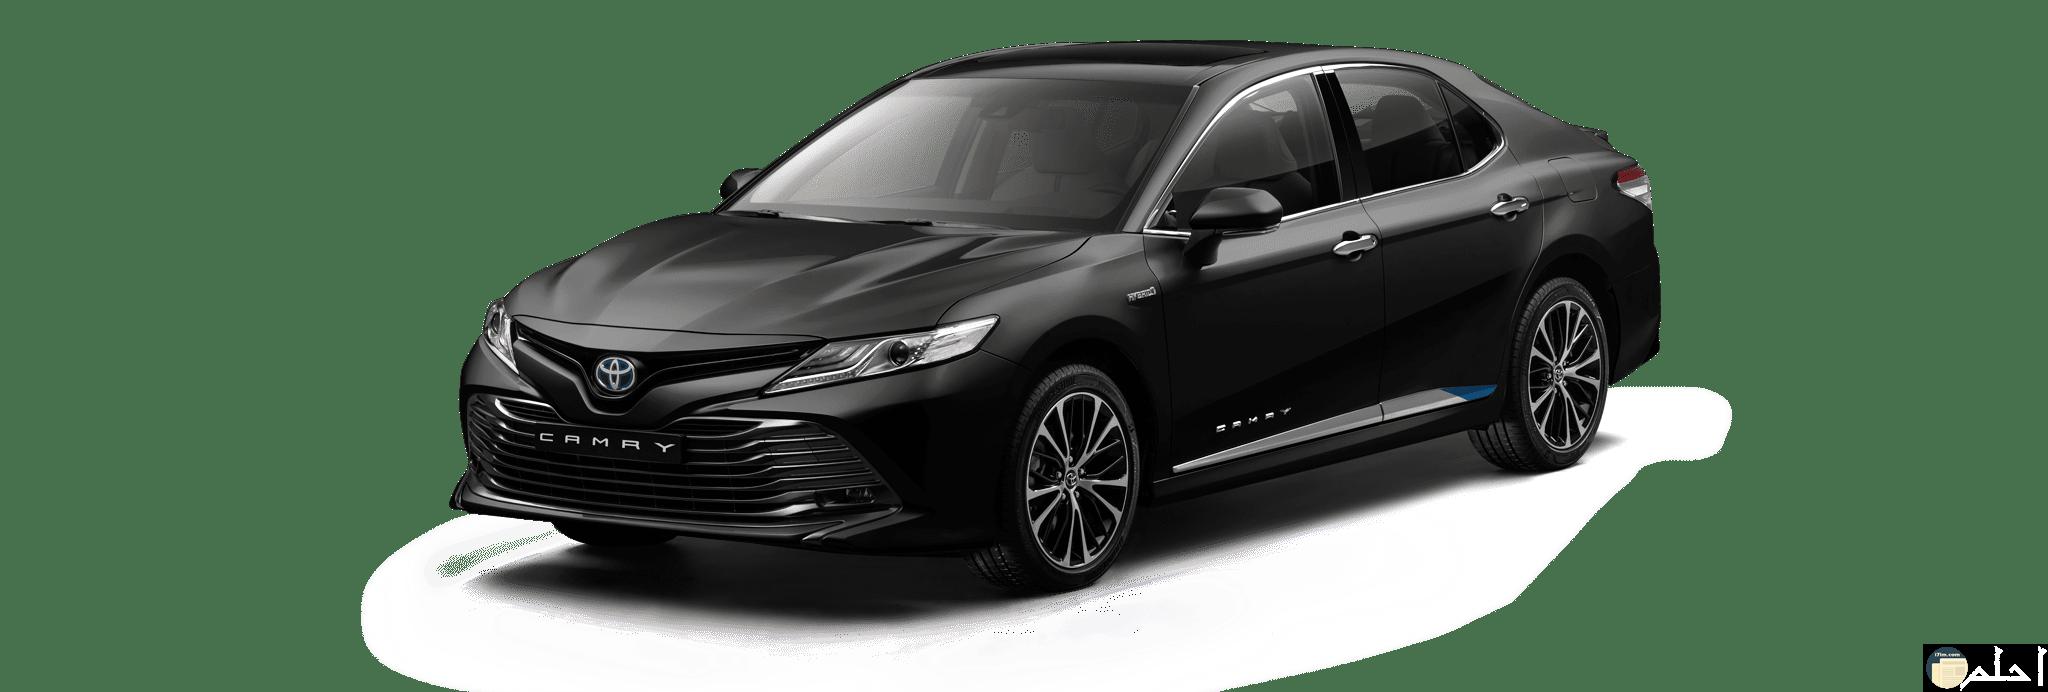 سيارة كامري سوداء